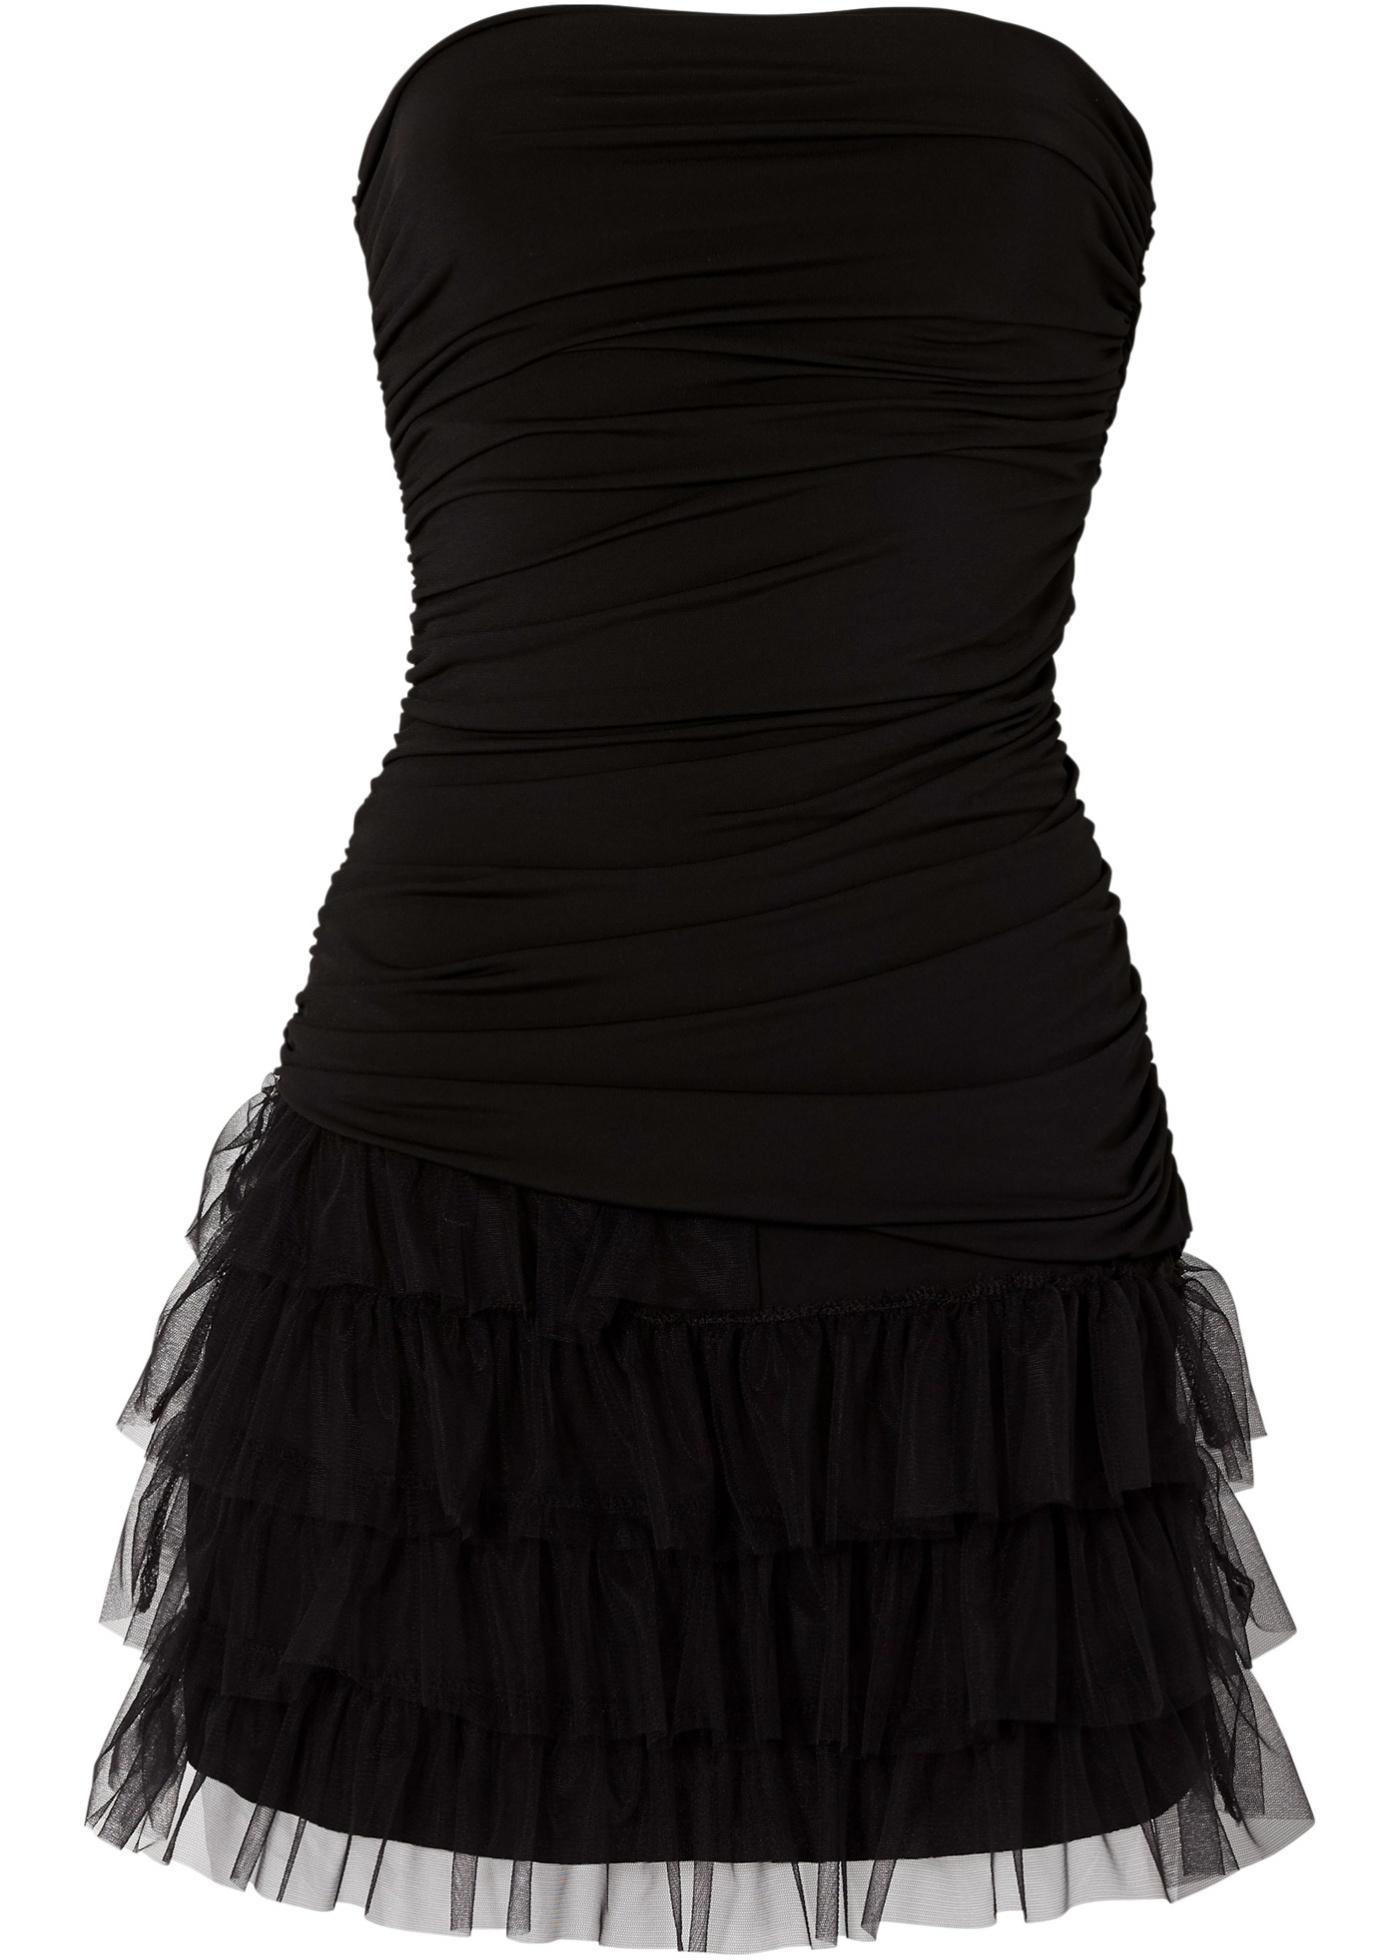 Shirtkleid ohne Ärmel  in schwarz von bonprix Damenmode > Damenbekleidung > Kleider > Bandeau